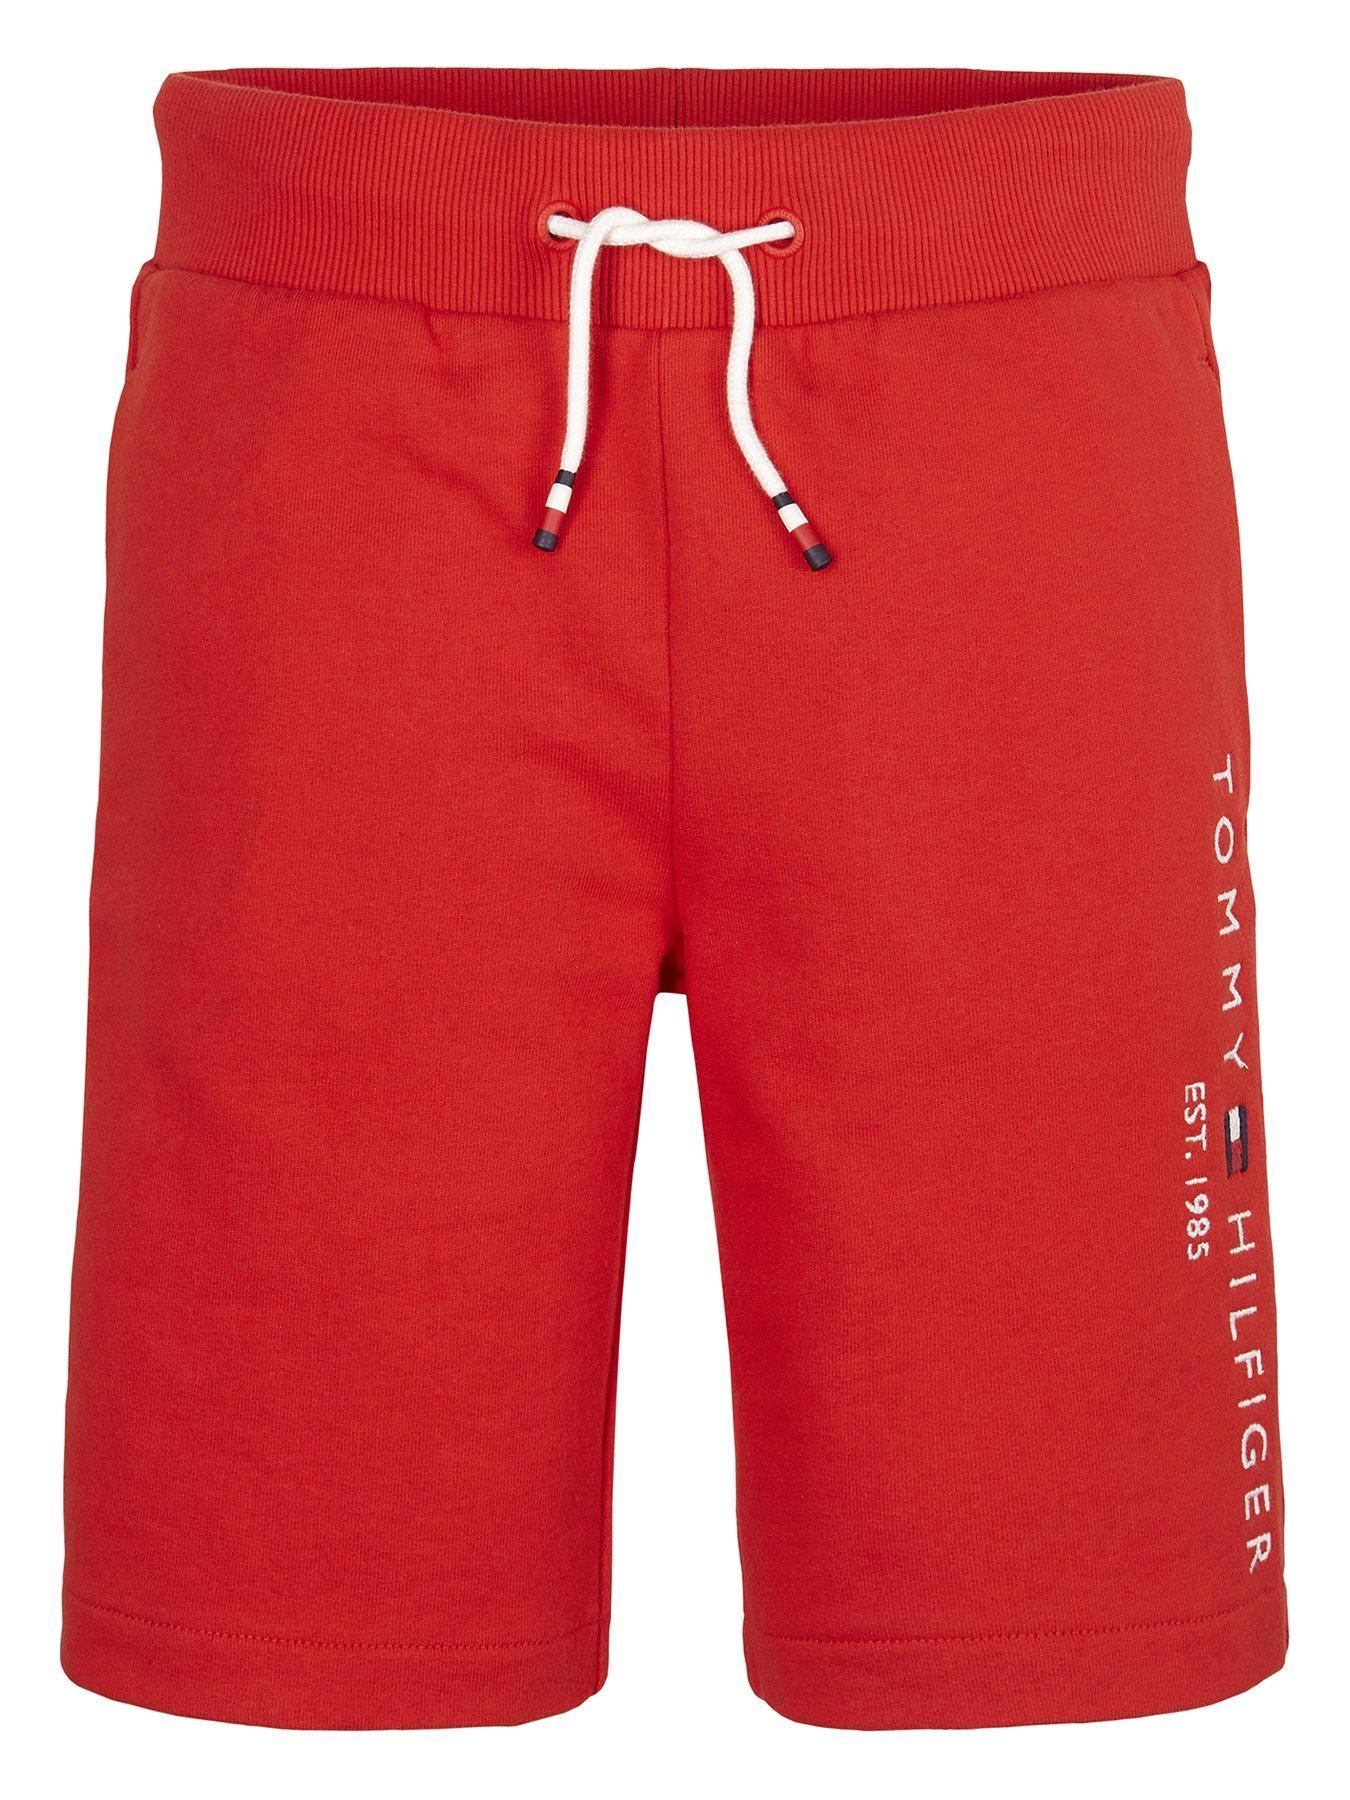 Tommy Hilfiger Shorts Boys Kids Children Size Medium 22 Inch Waist Grey Blue